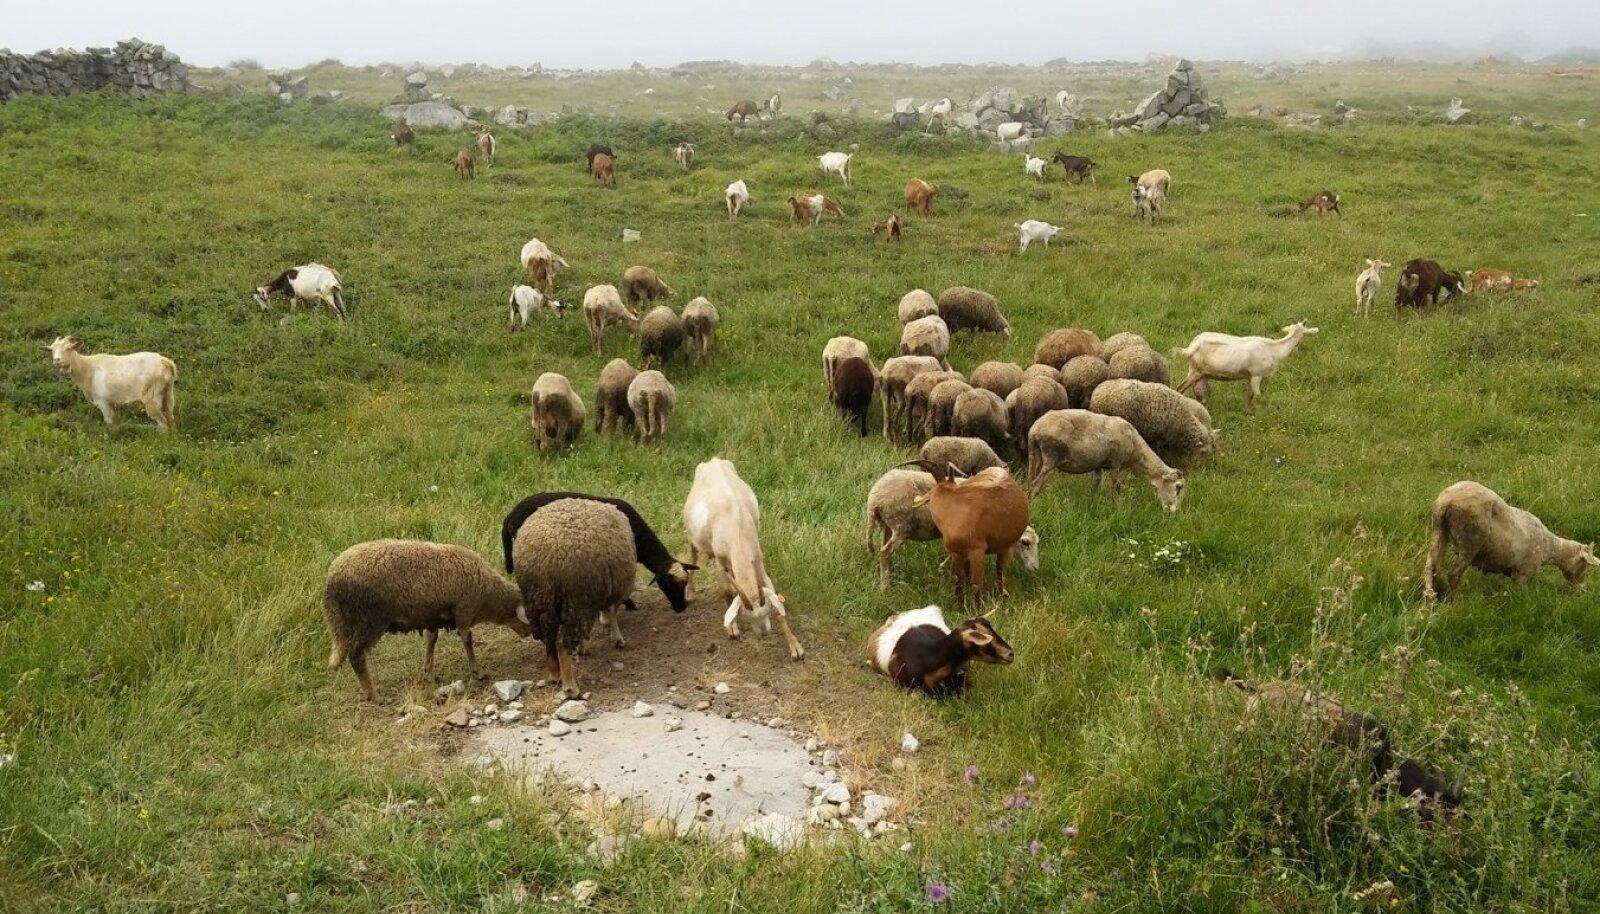 Portost algavat Portugali rannikurada ilmestavad lisaks sombustele ilmadele ja ookeanile ka sellised idüllilised maaelupildid,kus leiab suures karjas lambaid võikitsi, kellel on matkajatest üsna ükskõik.